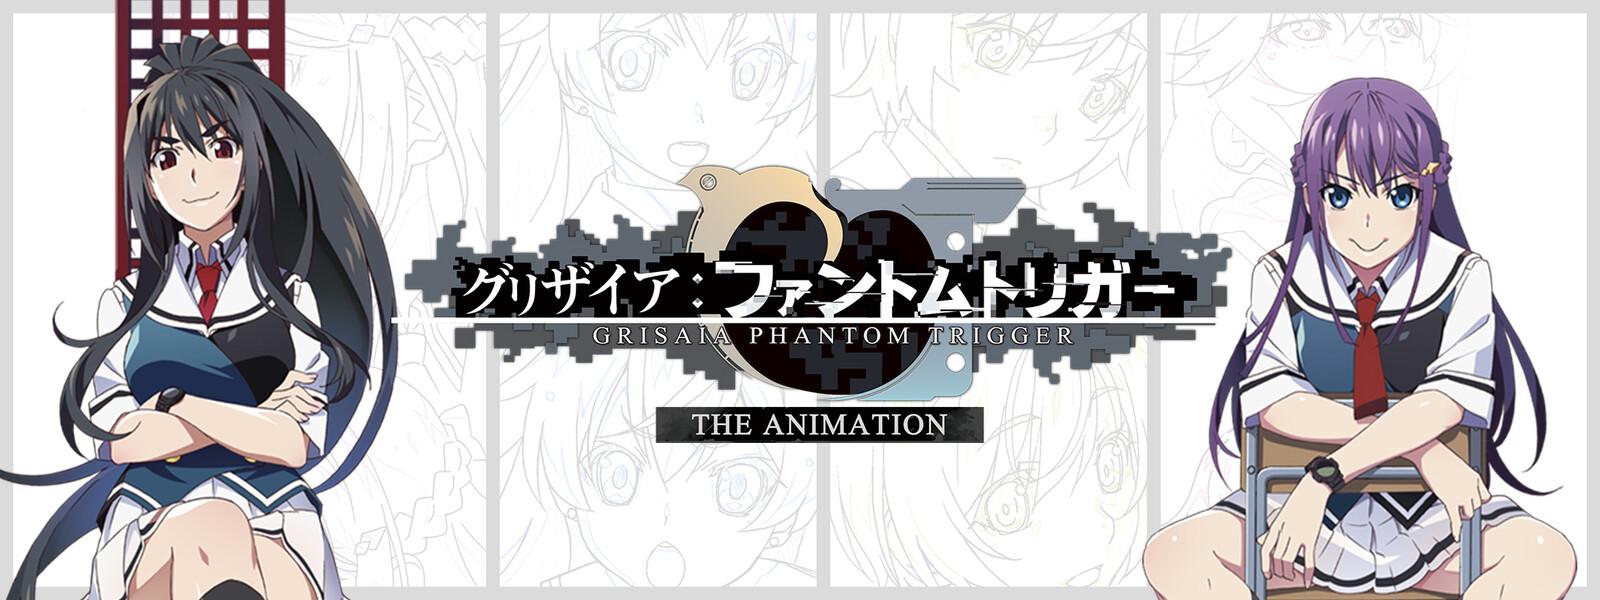 グリザイア:ファントムトリガー THE ANIMATION 動画